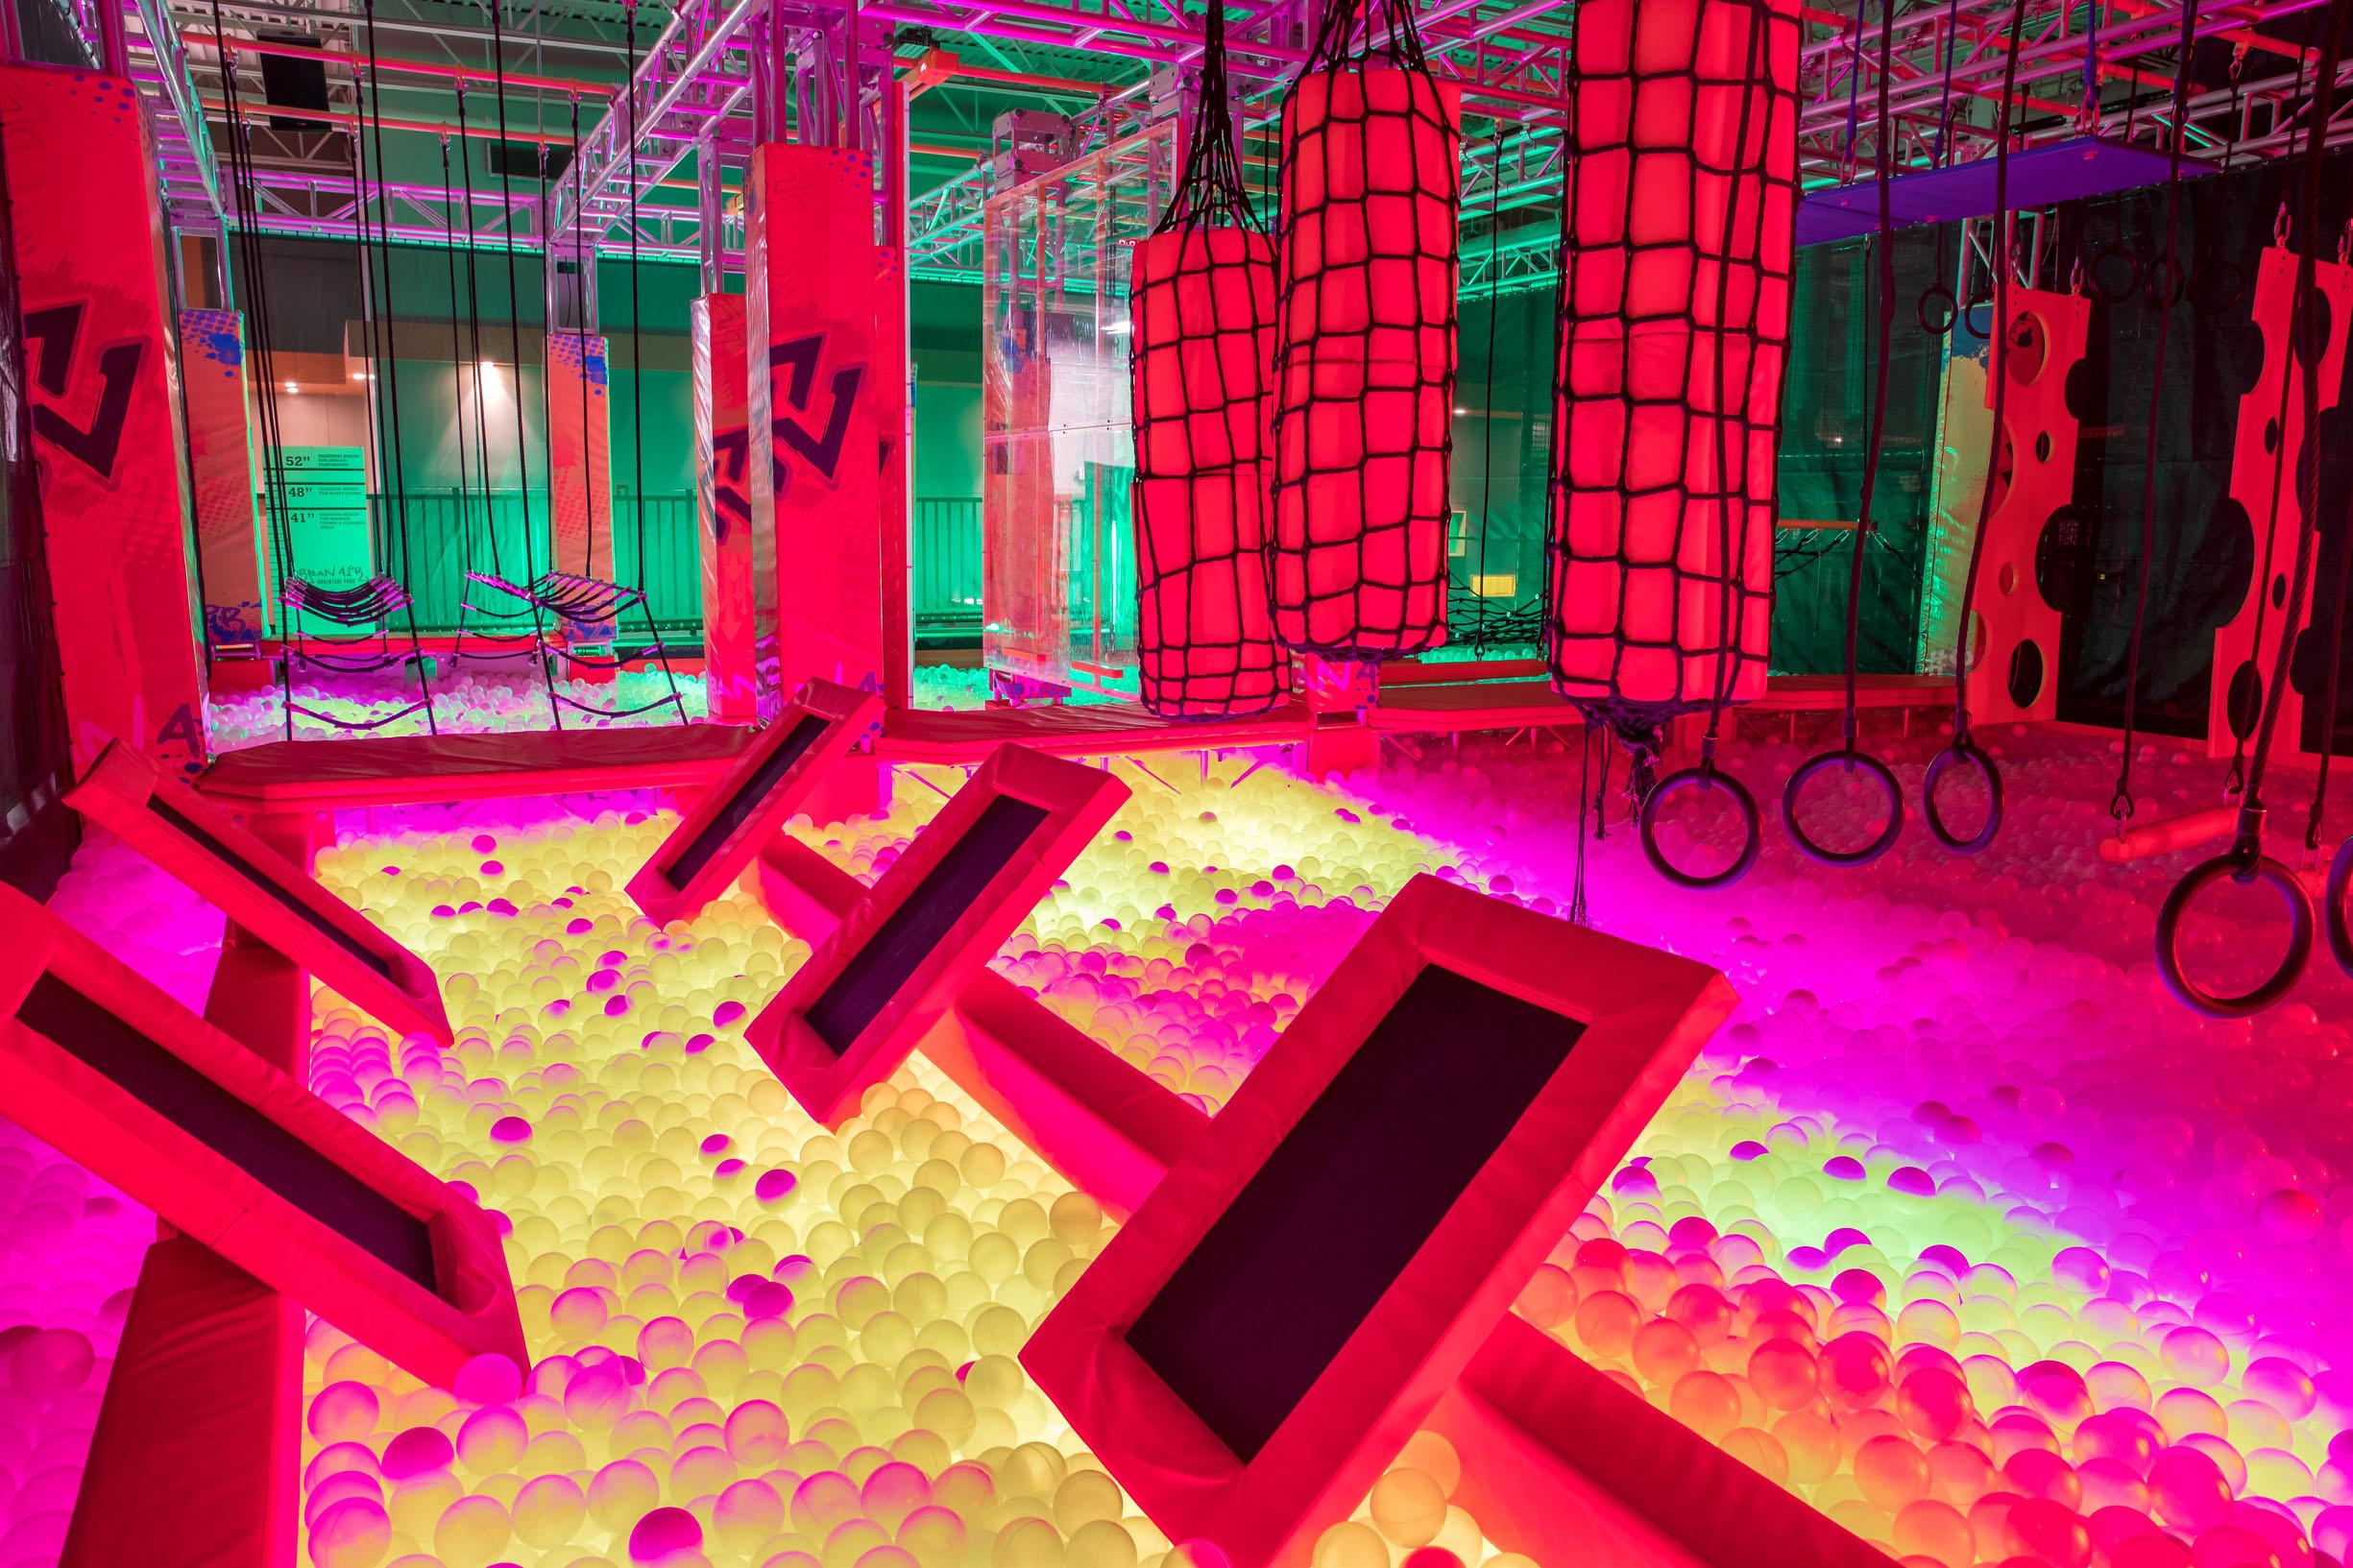 73272520-091817+Urban+Air+Creative+Olsen+NO-0044-HDR.jpg